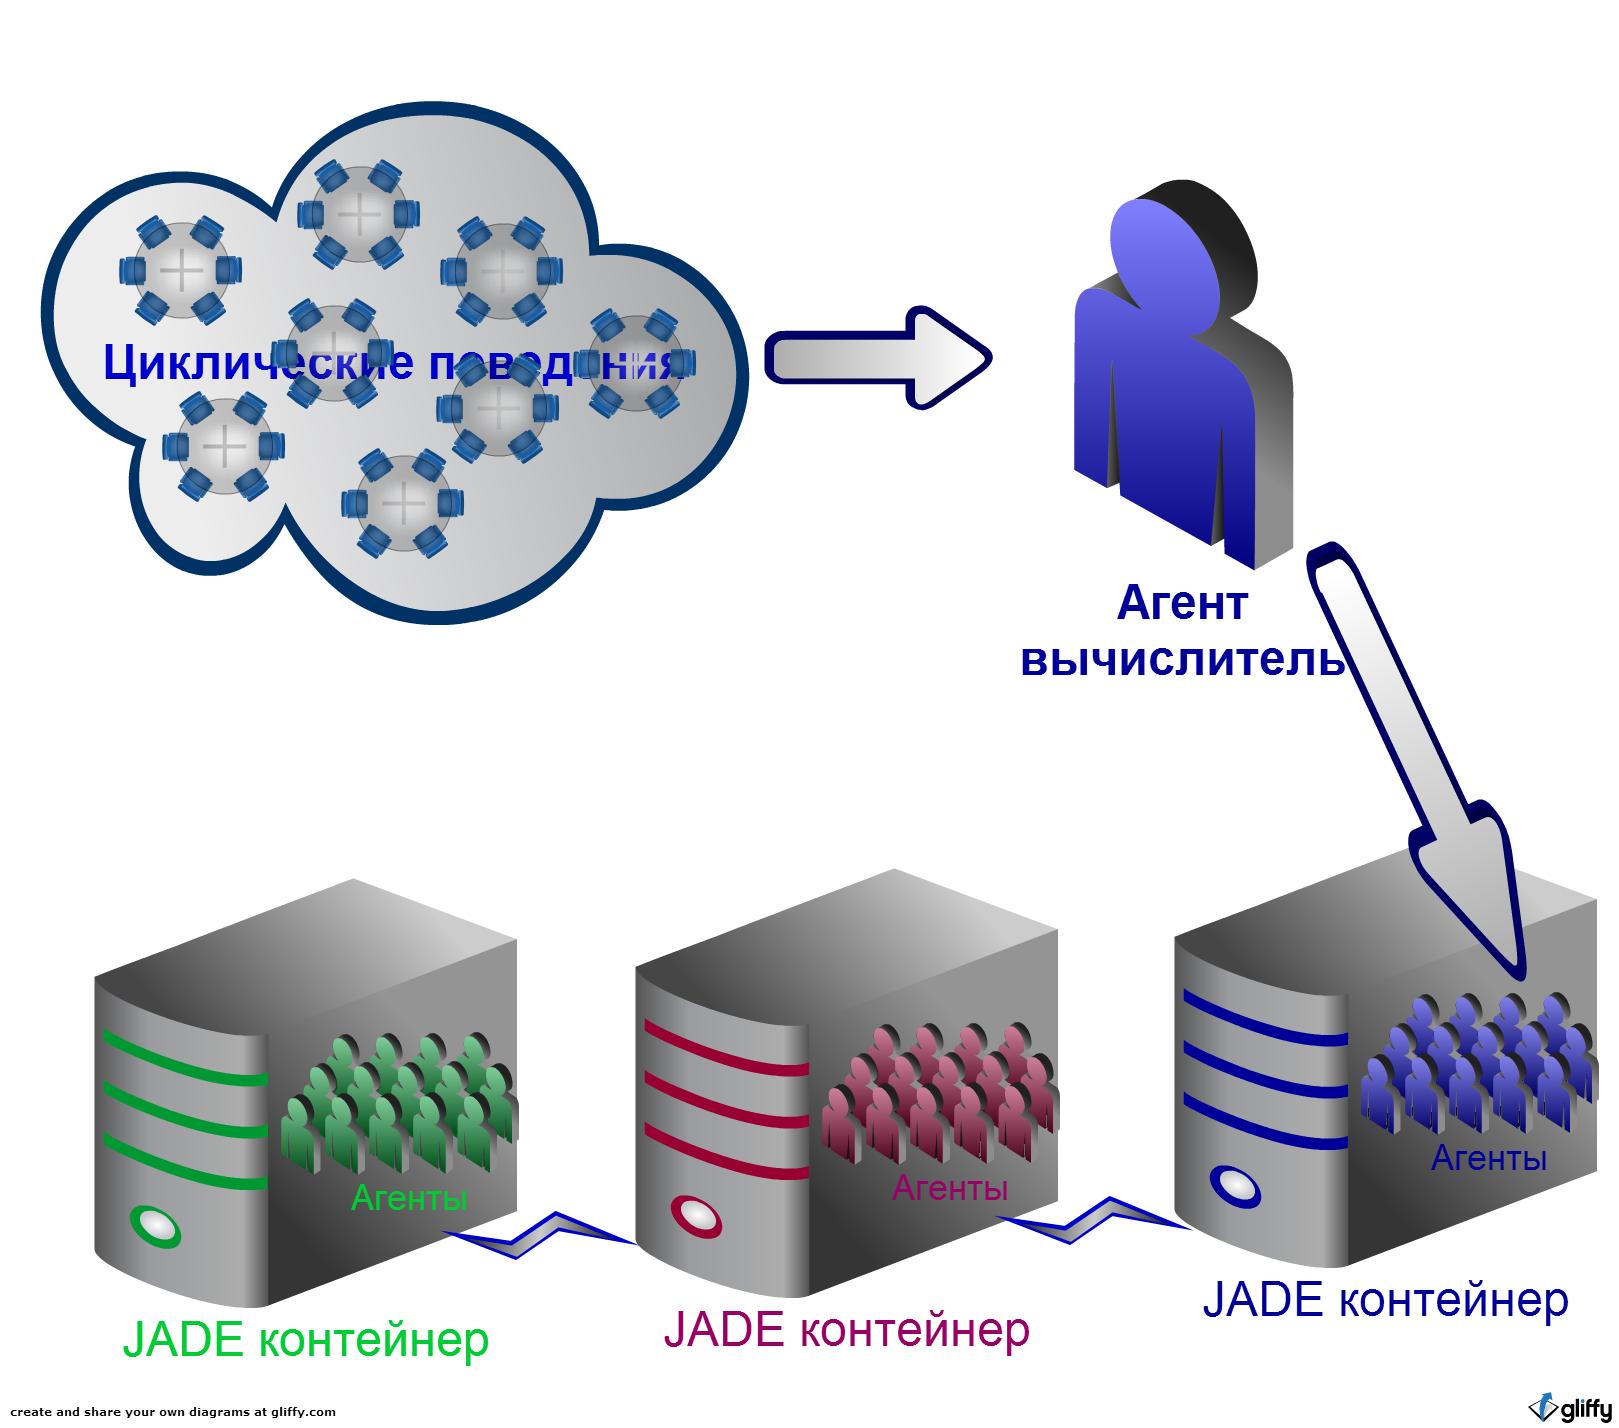 Структура мультиагентного приложения, миллион агентов JADE